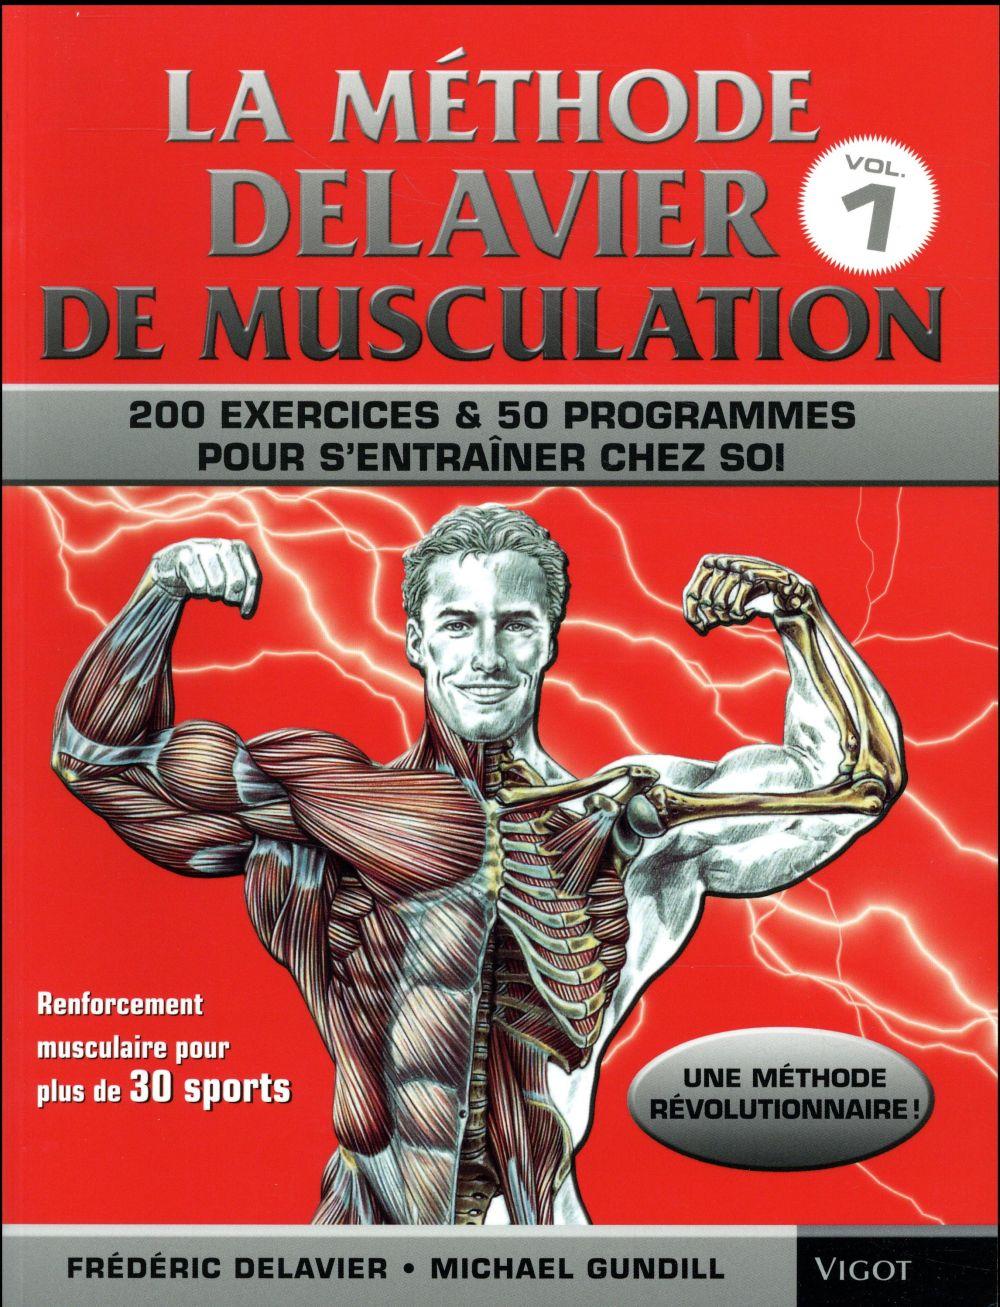 La Methode Delavier ; Musculation, Exercices & Programmes Pour S'Entrainer Chez Soi